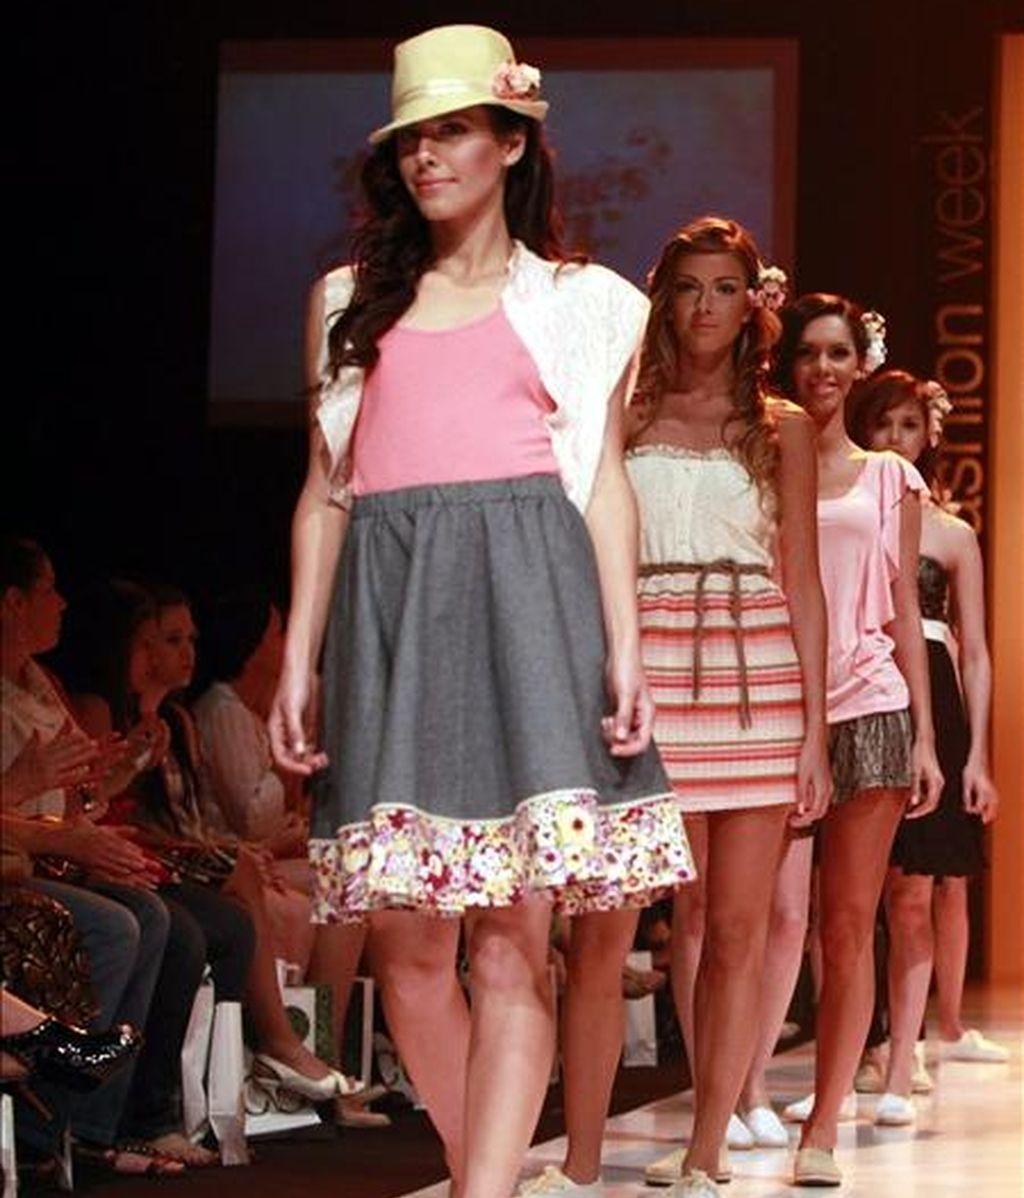 Modelos desfilan durante la XII edición anual de la Semana de la Moda de Asunción (Paraguay) en la sede de convenciones de la Confederación Sudamericana de Fútbol (Conmebol). EFE